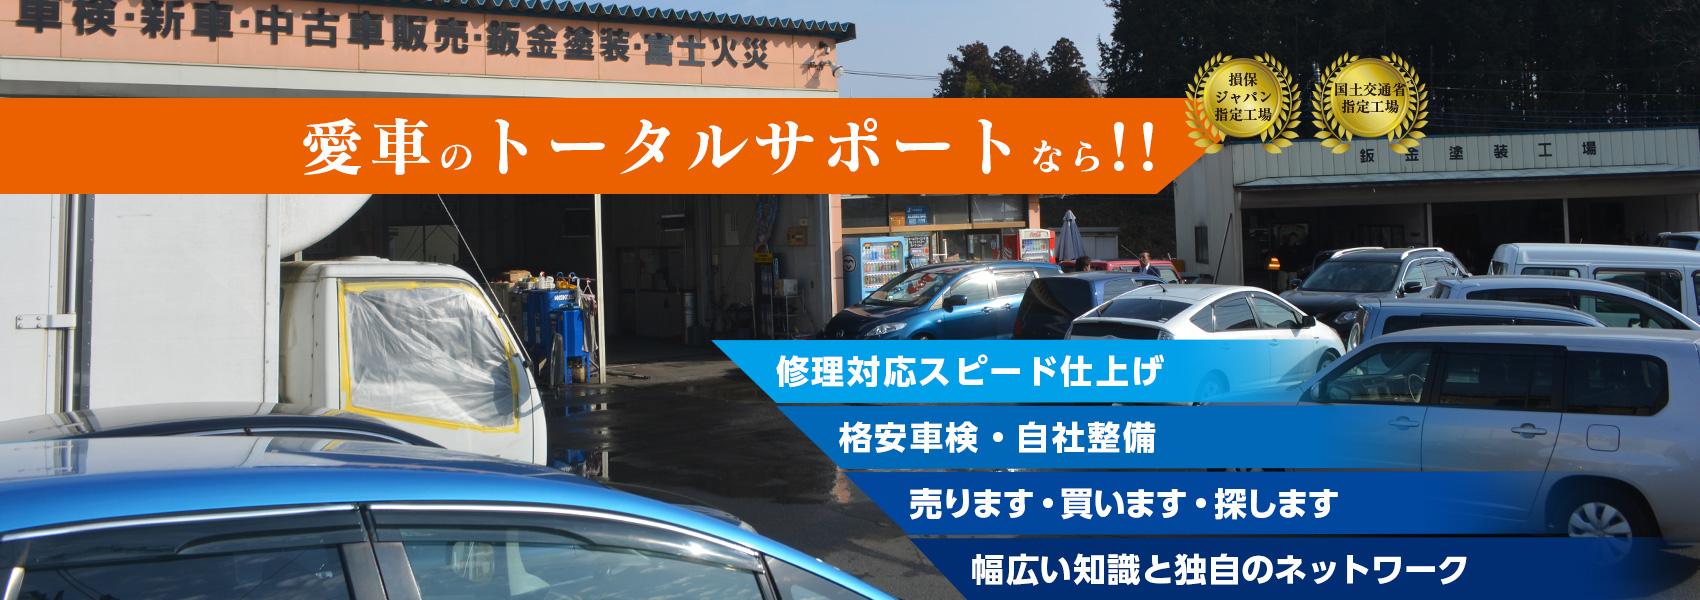 愛車のトータルサポートなら!! 修理対応スピード仕上げ 格安車検・自社整備 売ります・買います・探します 幅広い知識と独自のネットワーク